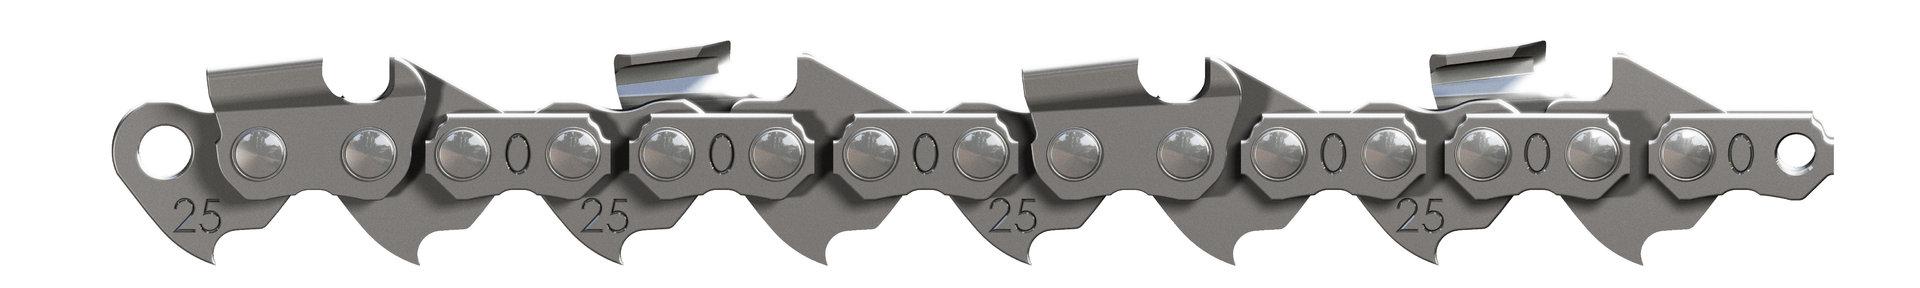 oregon 25ap100r s gekette 1 4 1 3 mm rolle handwerkermarkt24. Black Bedroom Furniture Sets. Home Design Ideas